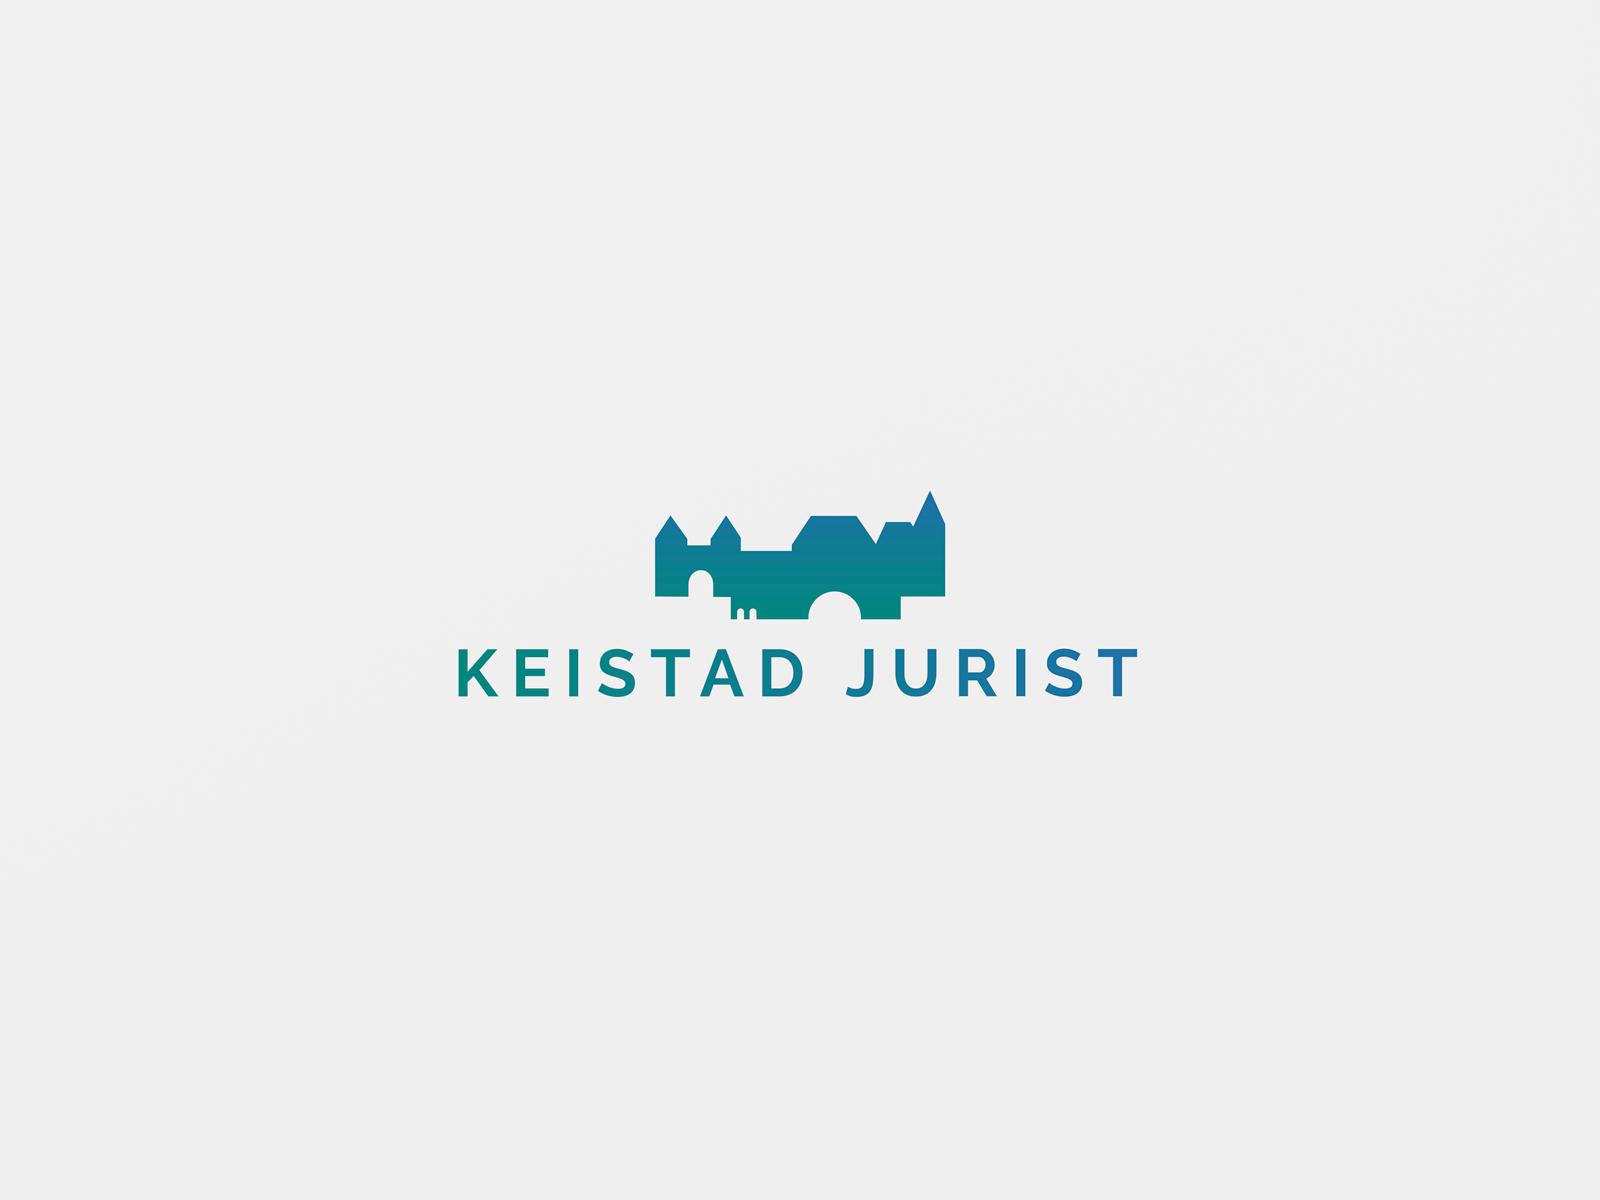 Beeldmarq - Grafische vormgeving & communicatie |Keistad Jurist Logo